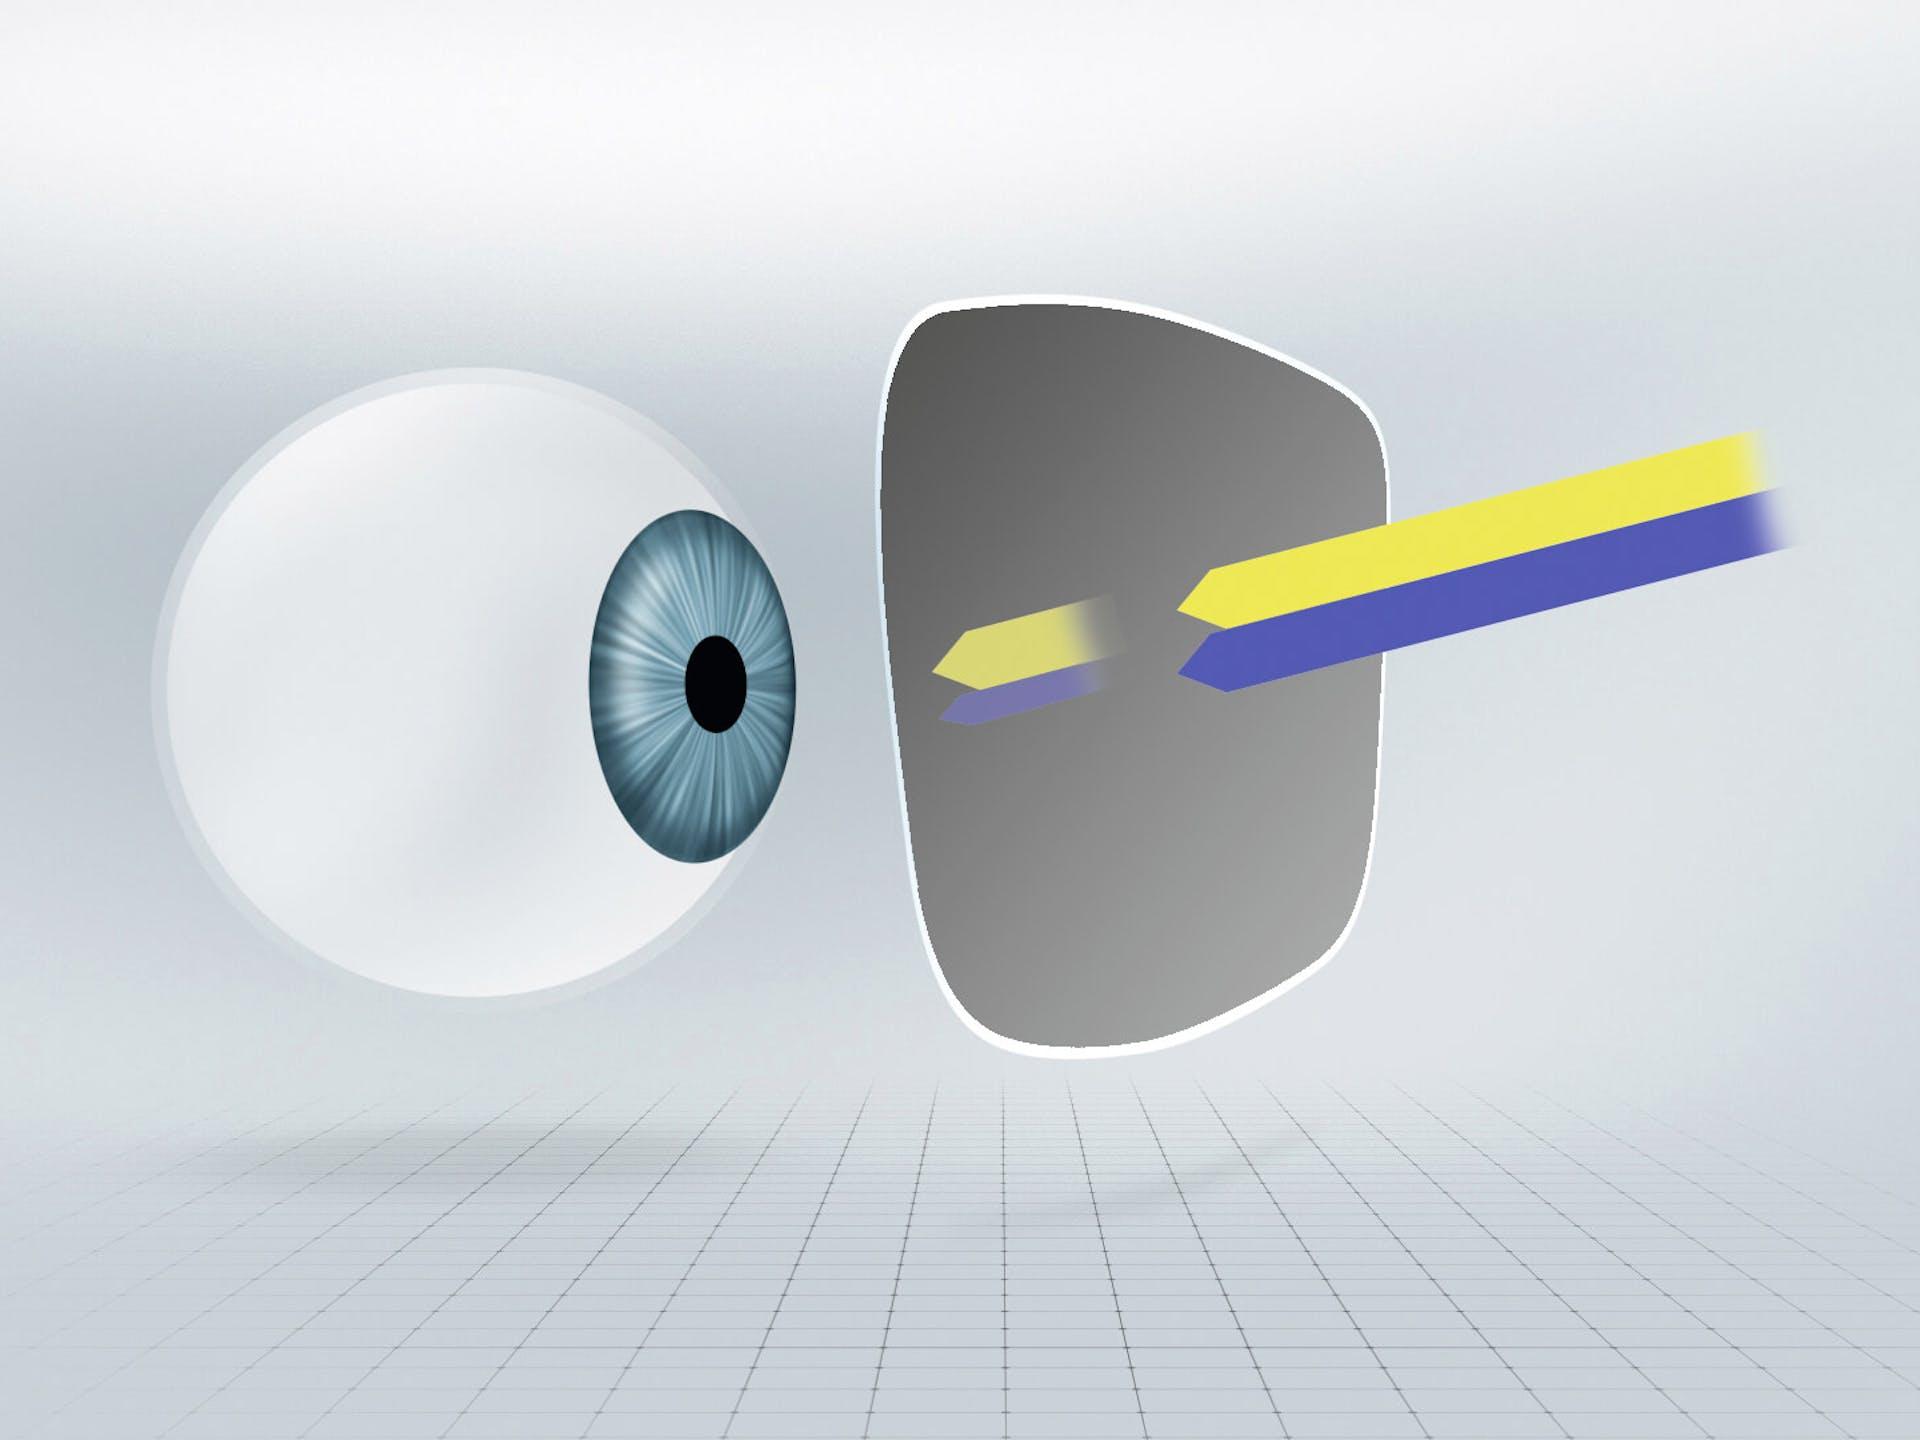 Линзы с затемнением или самозатемняющиеся линзы частично поглощают сине-фиолетовый свет